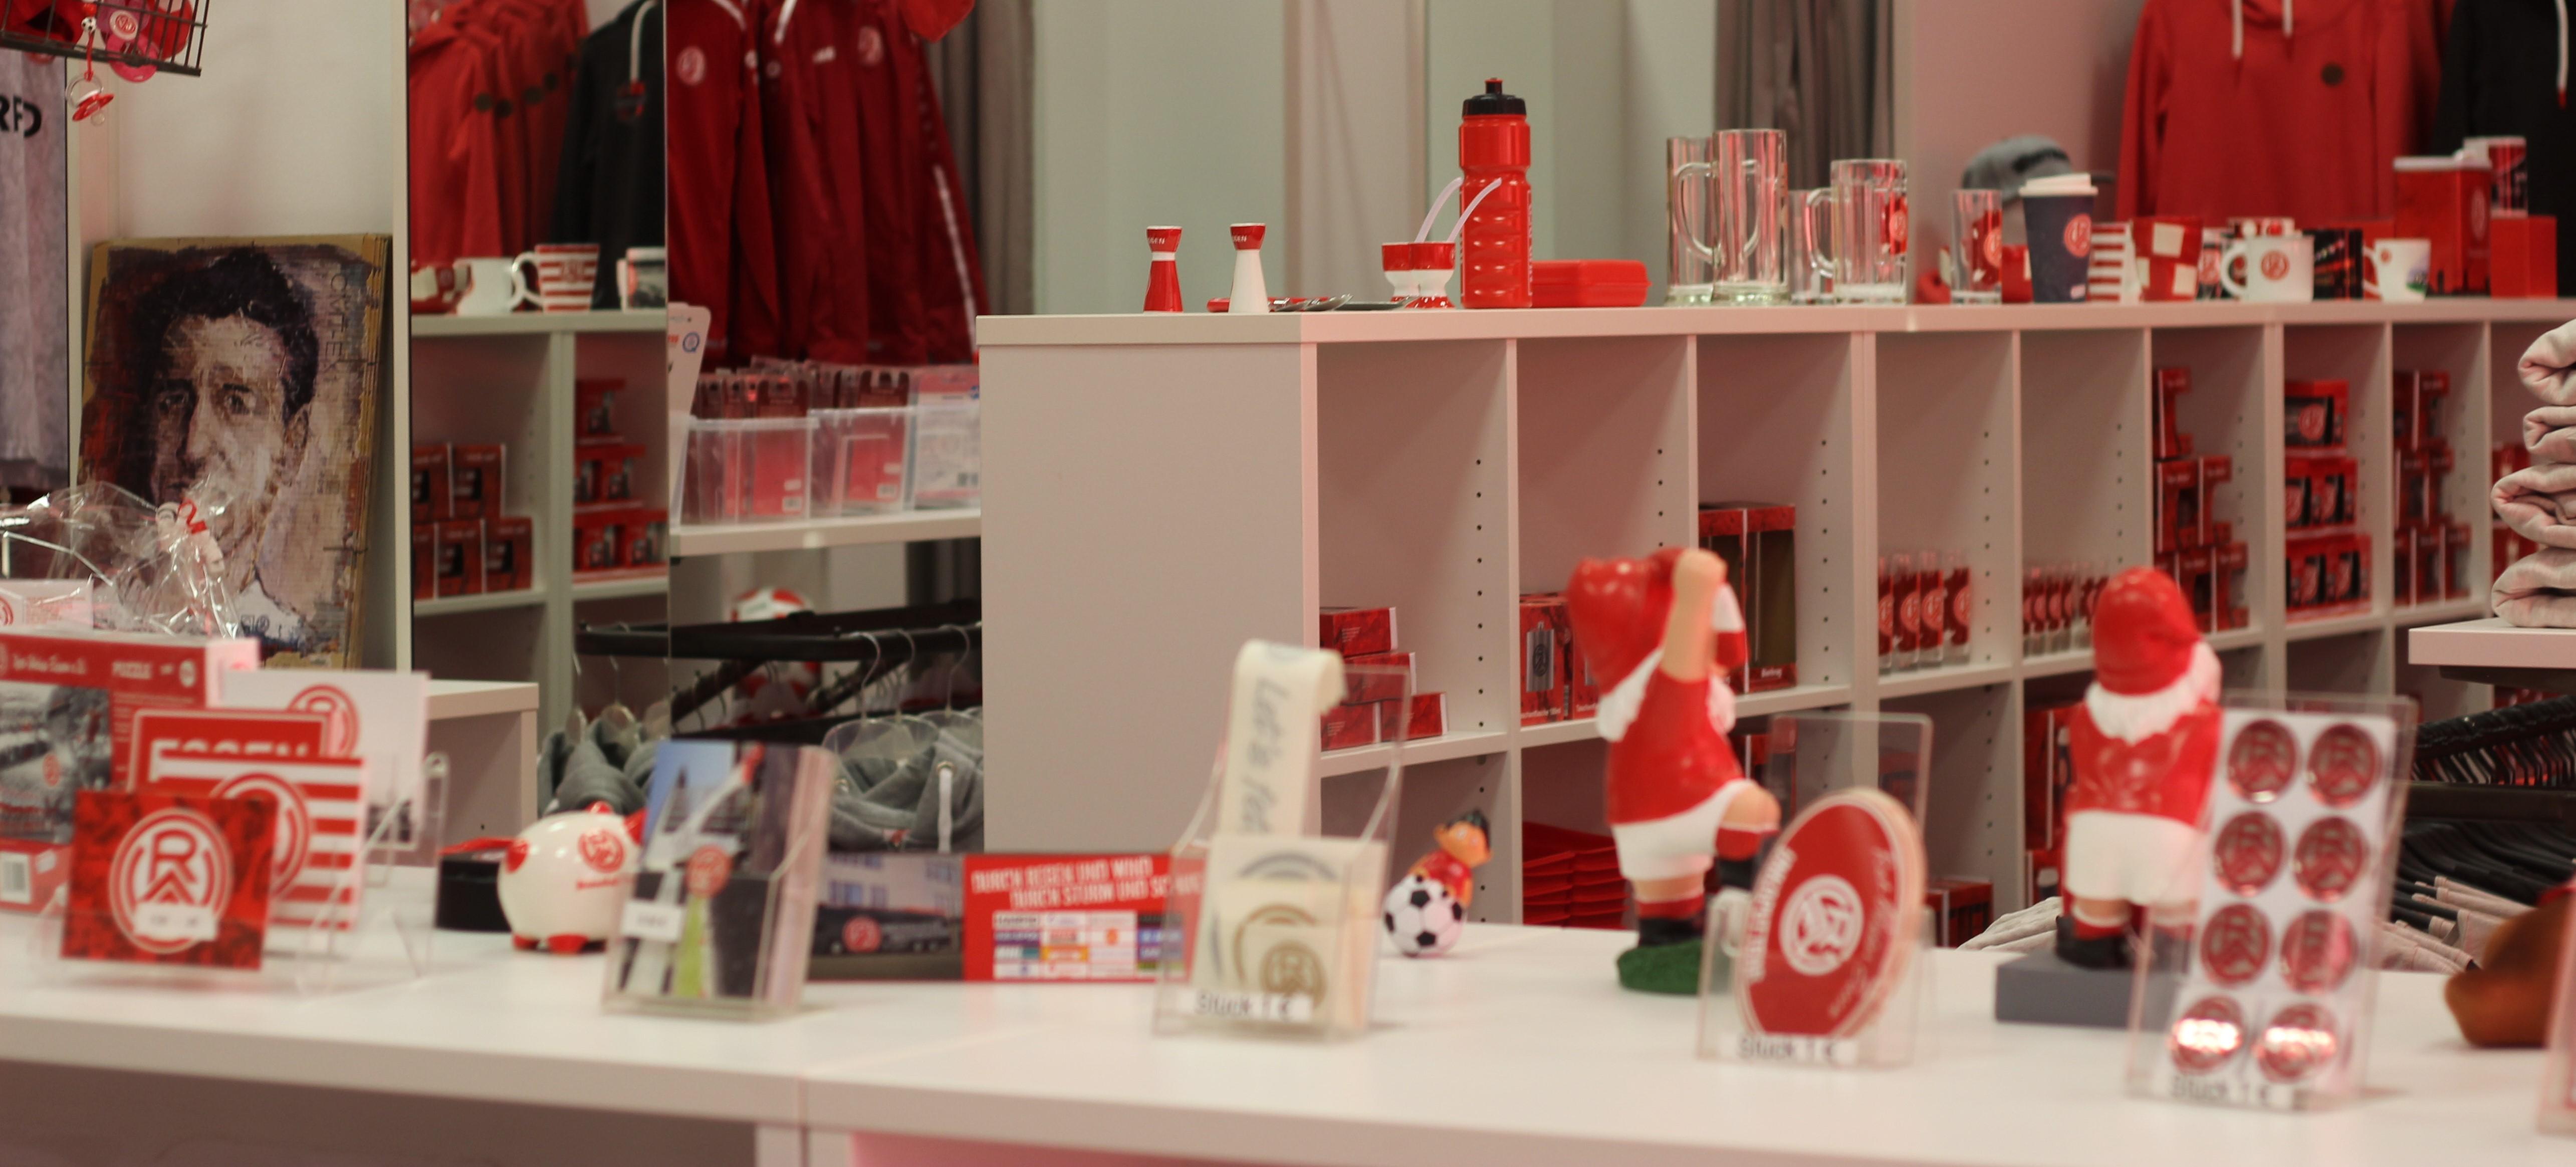 Shopping zu veränderten Zeiten: Am Mittwoch, den 9. Dezember ist der Fanshop an der Hafenstraße zwischen 13.00 und 17.00 Uhr geöffnet. (Archivfoto: Endberg)